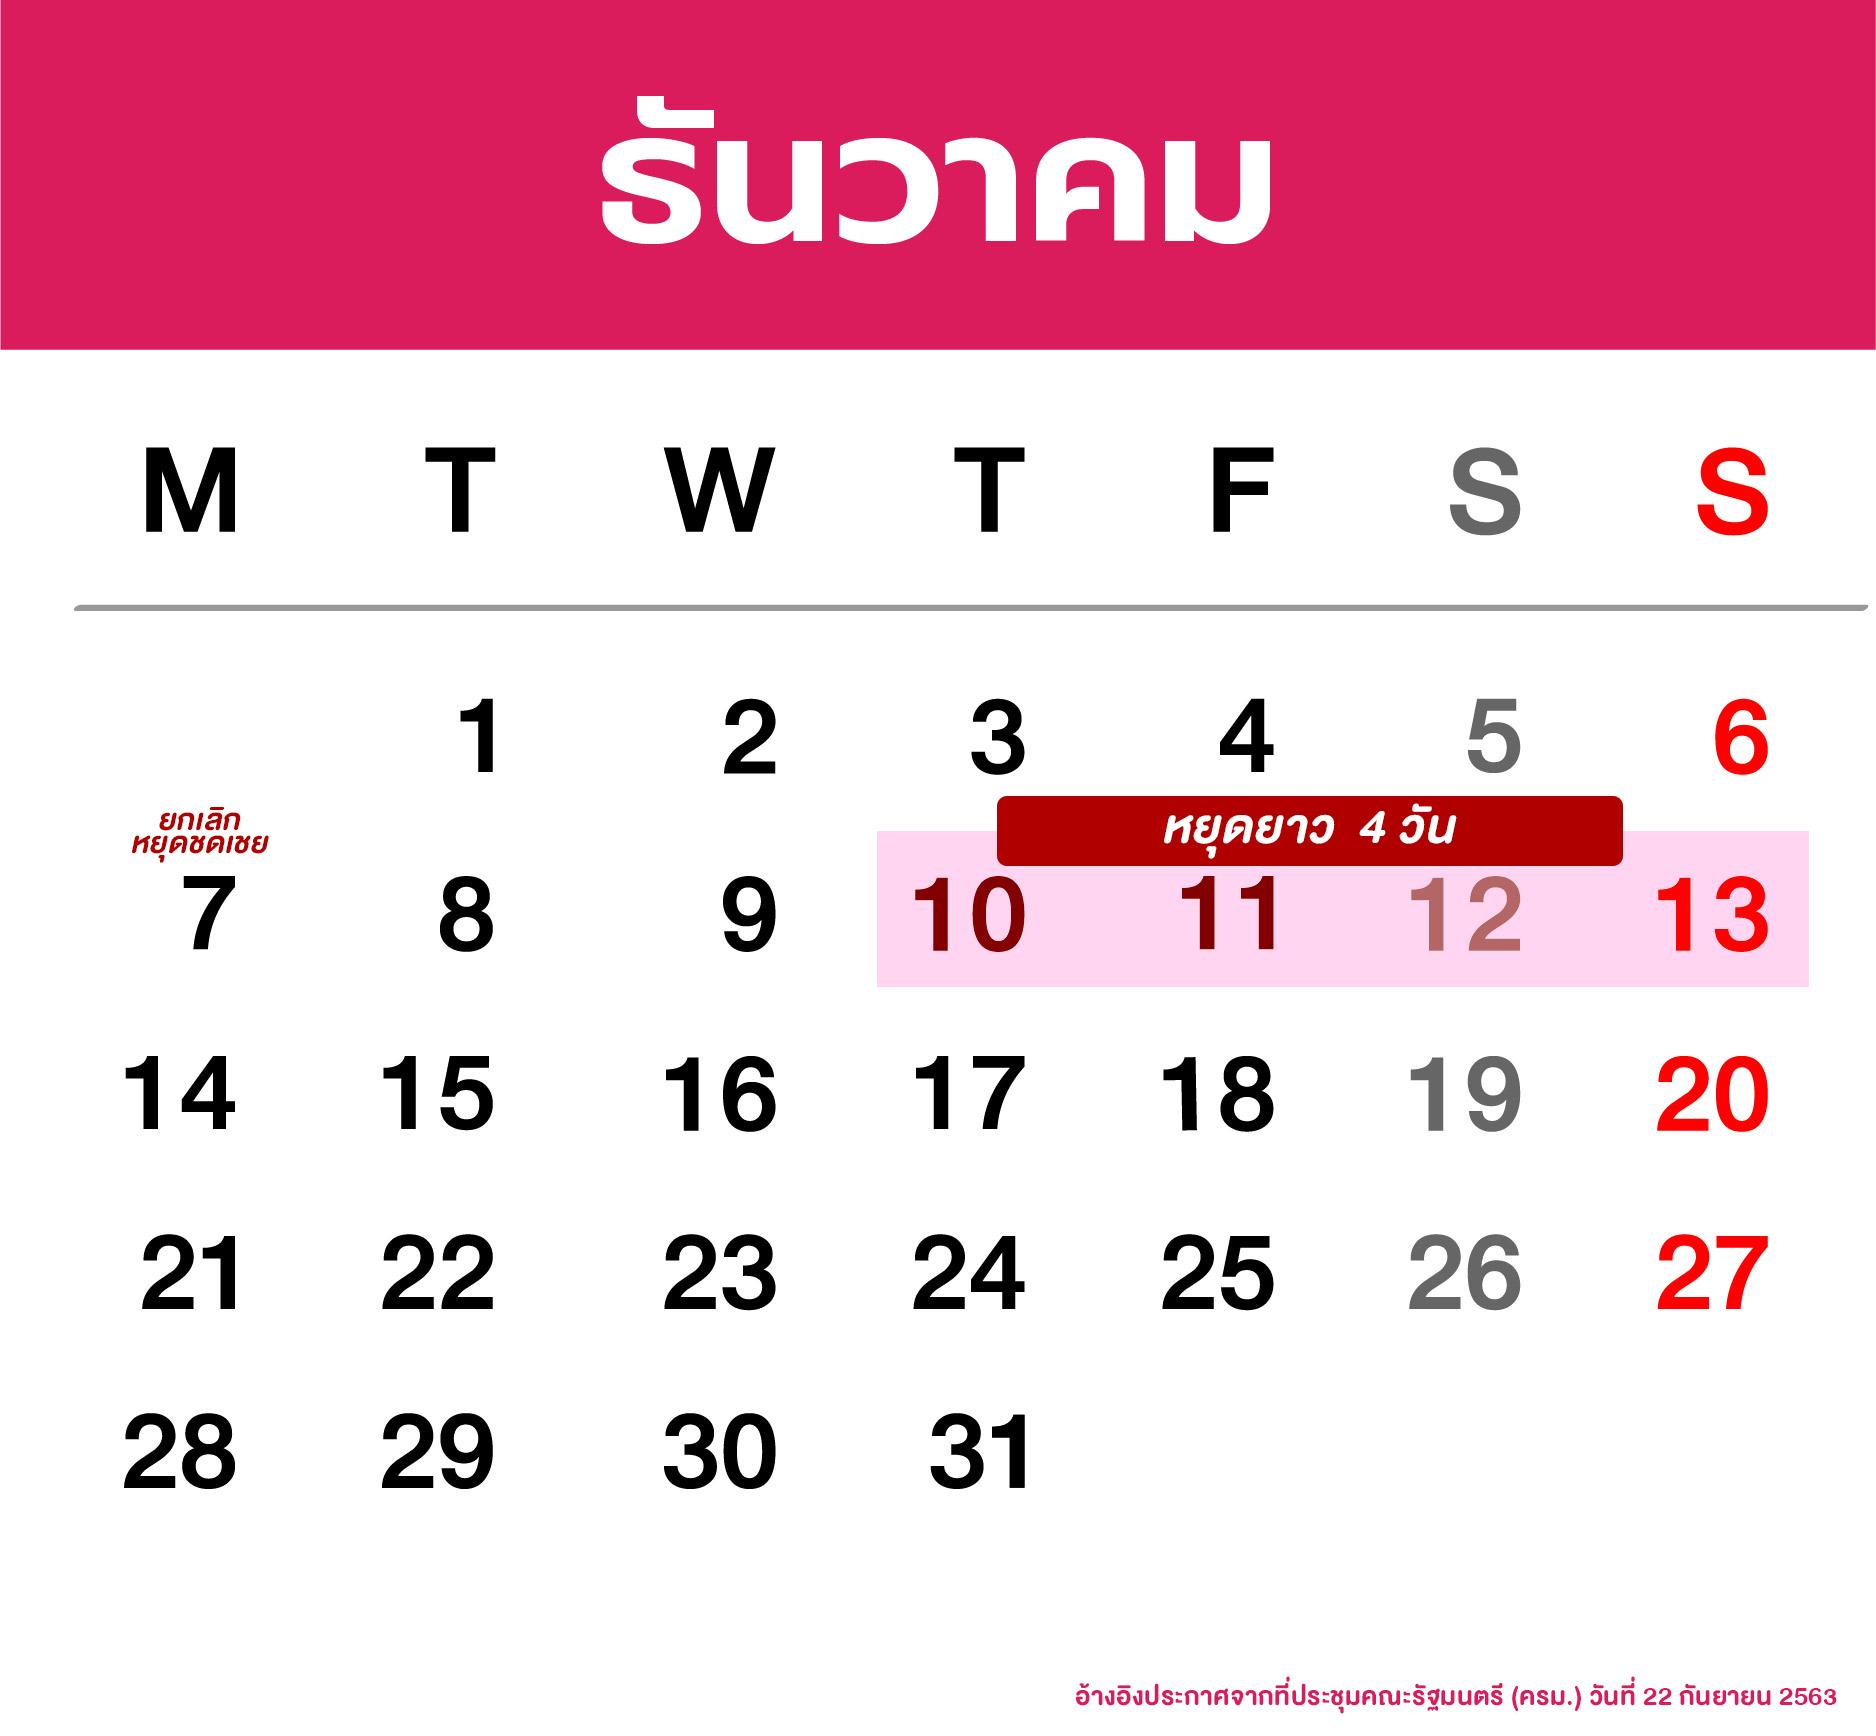 วันหยุดยาวเดือนธันวาคม 2563